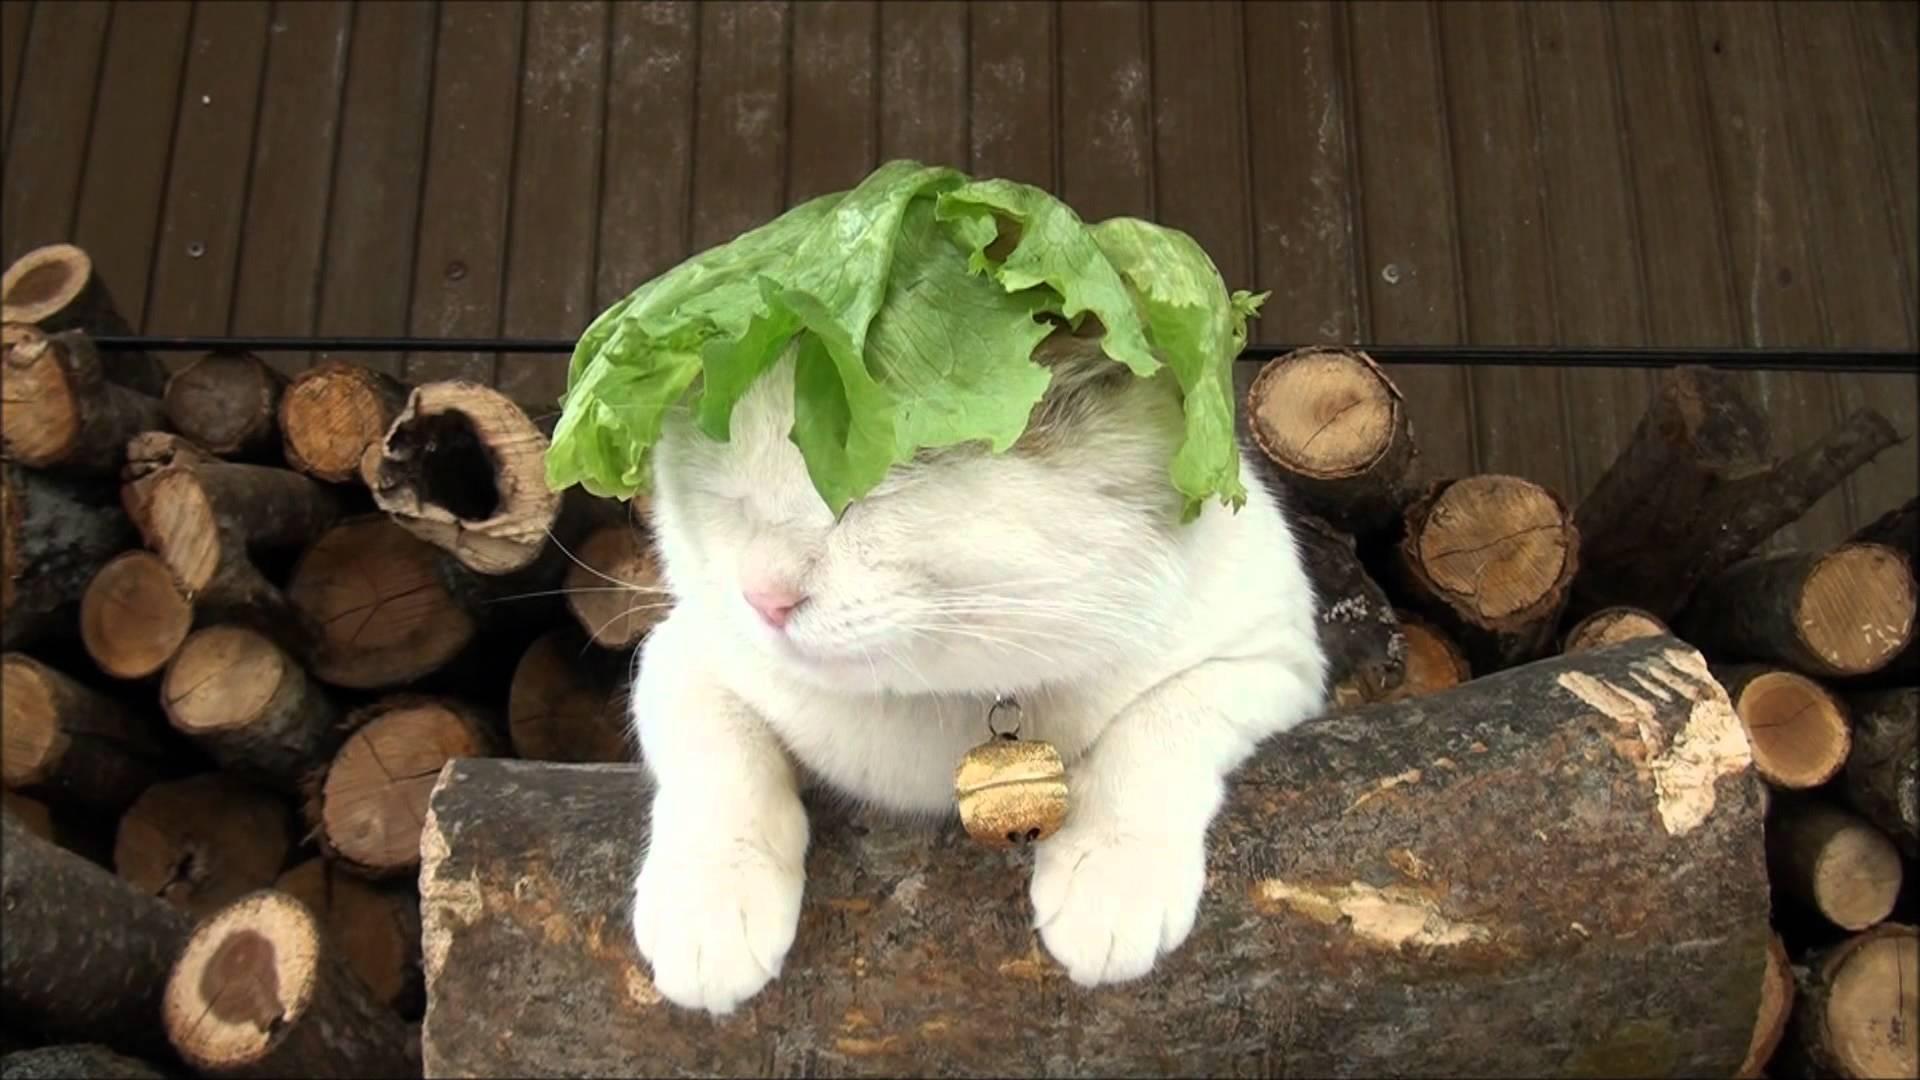 Lettuce 1920x1080